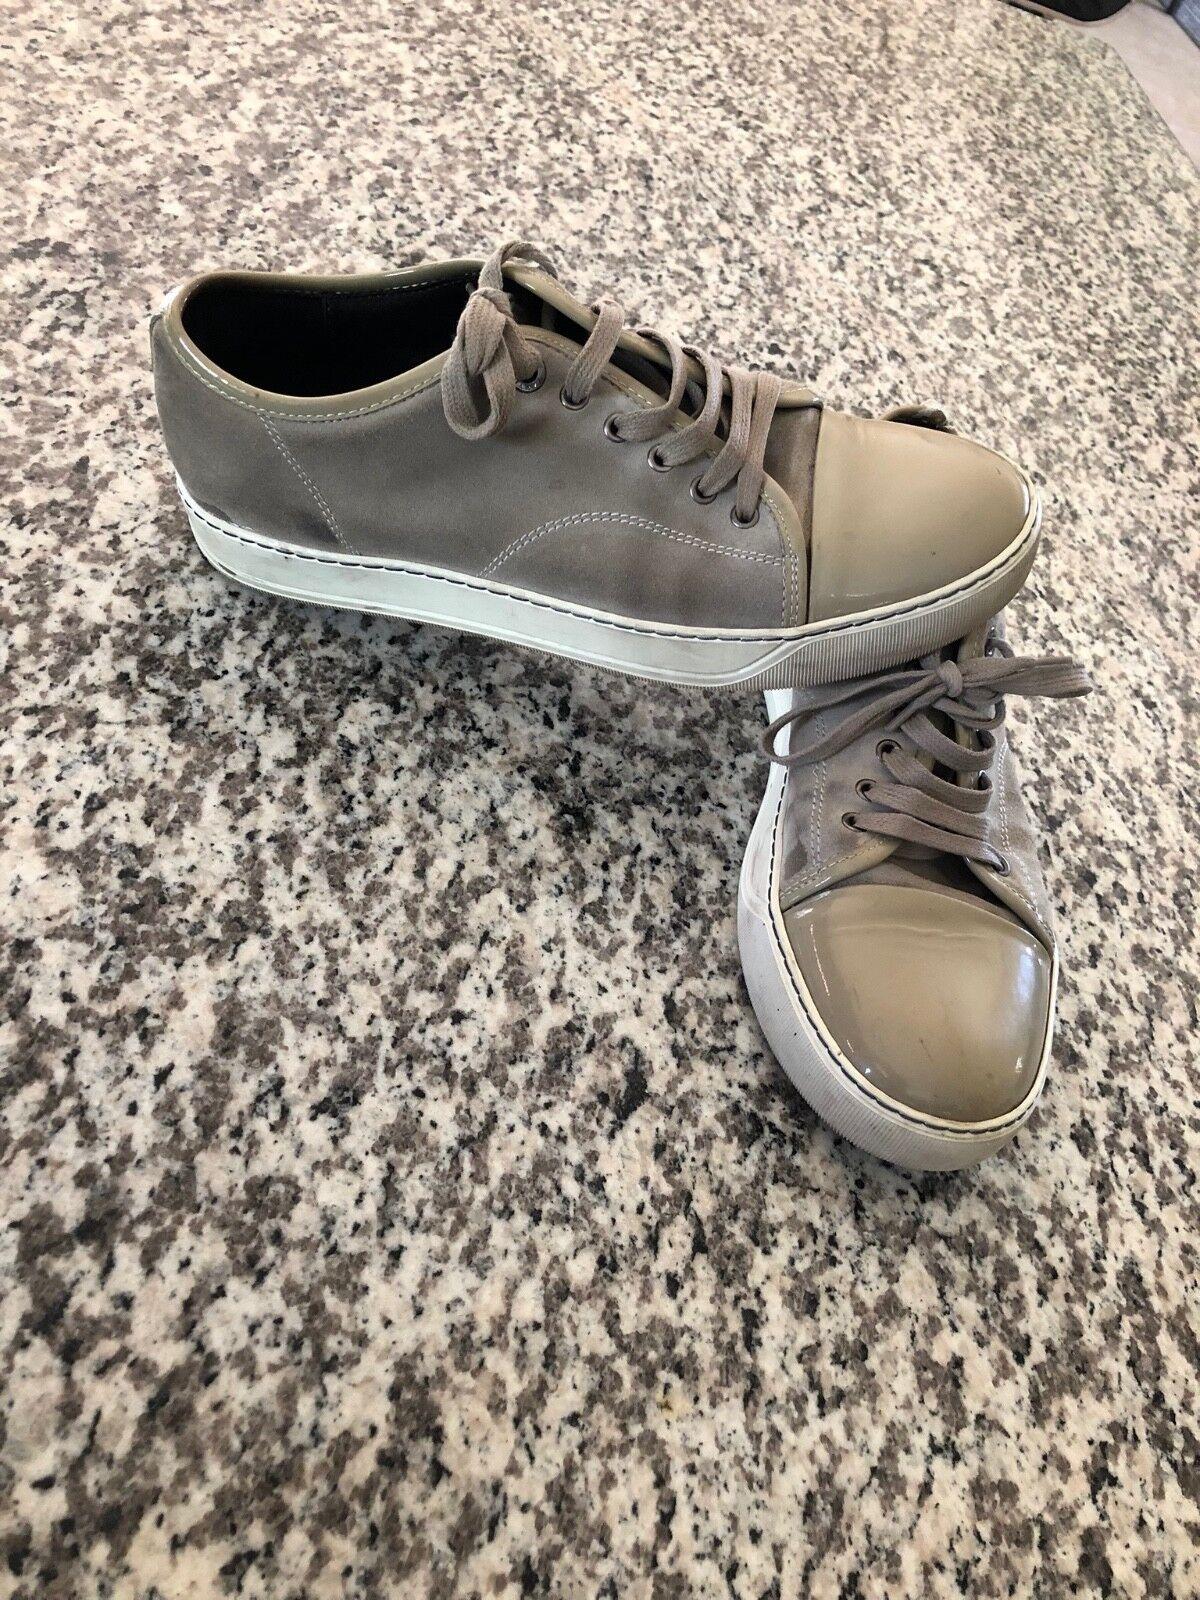 Zapatos hombre pre-owned Lanvin Beige Tamaño 9